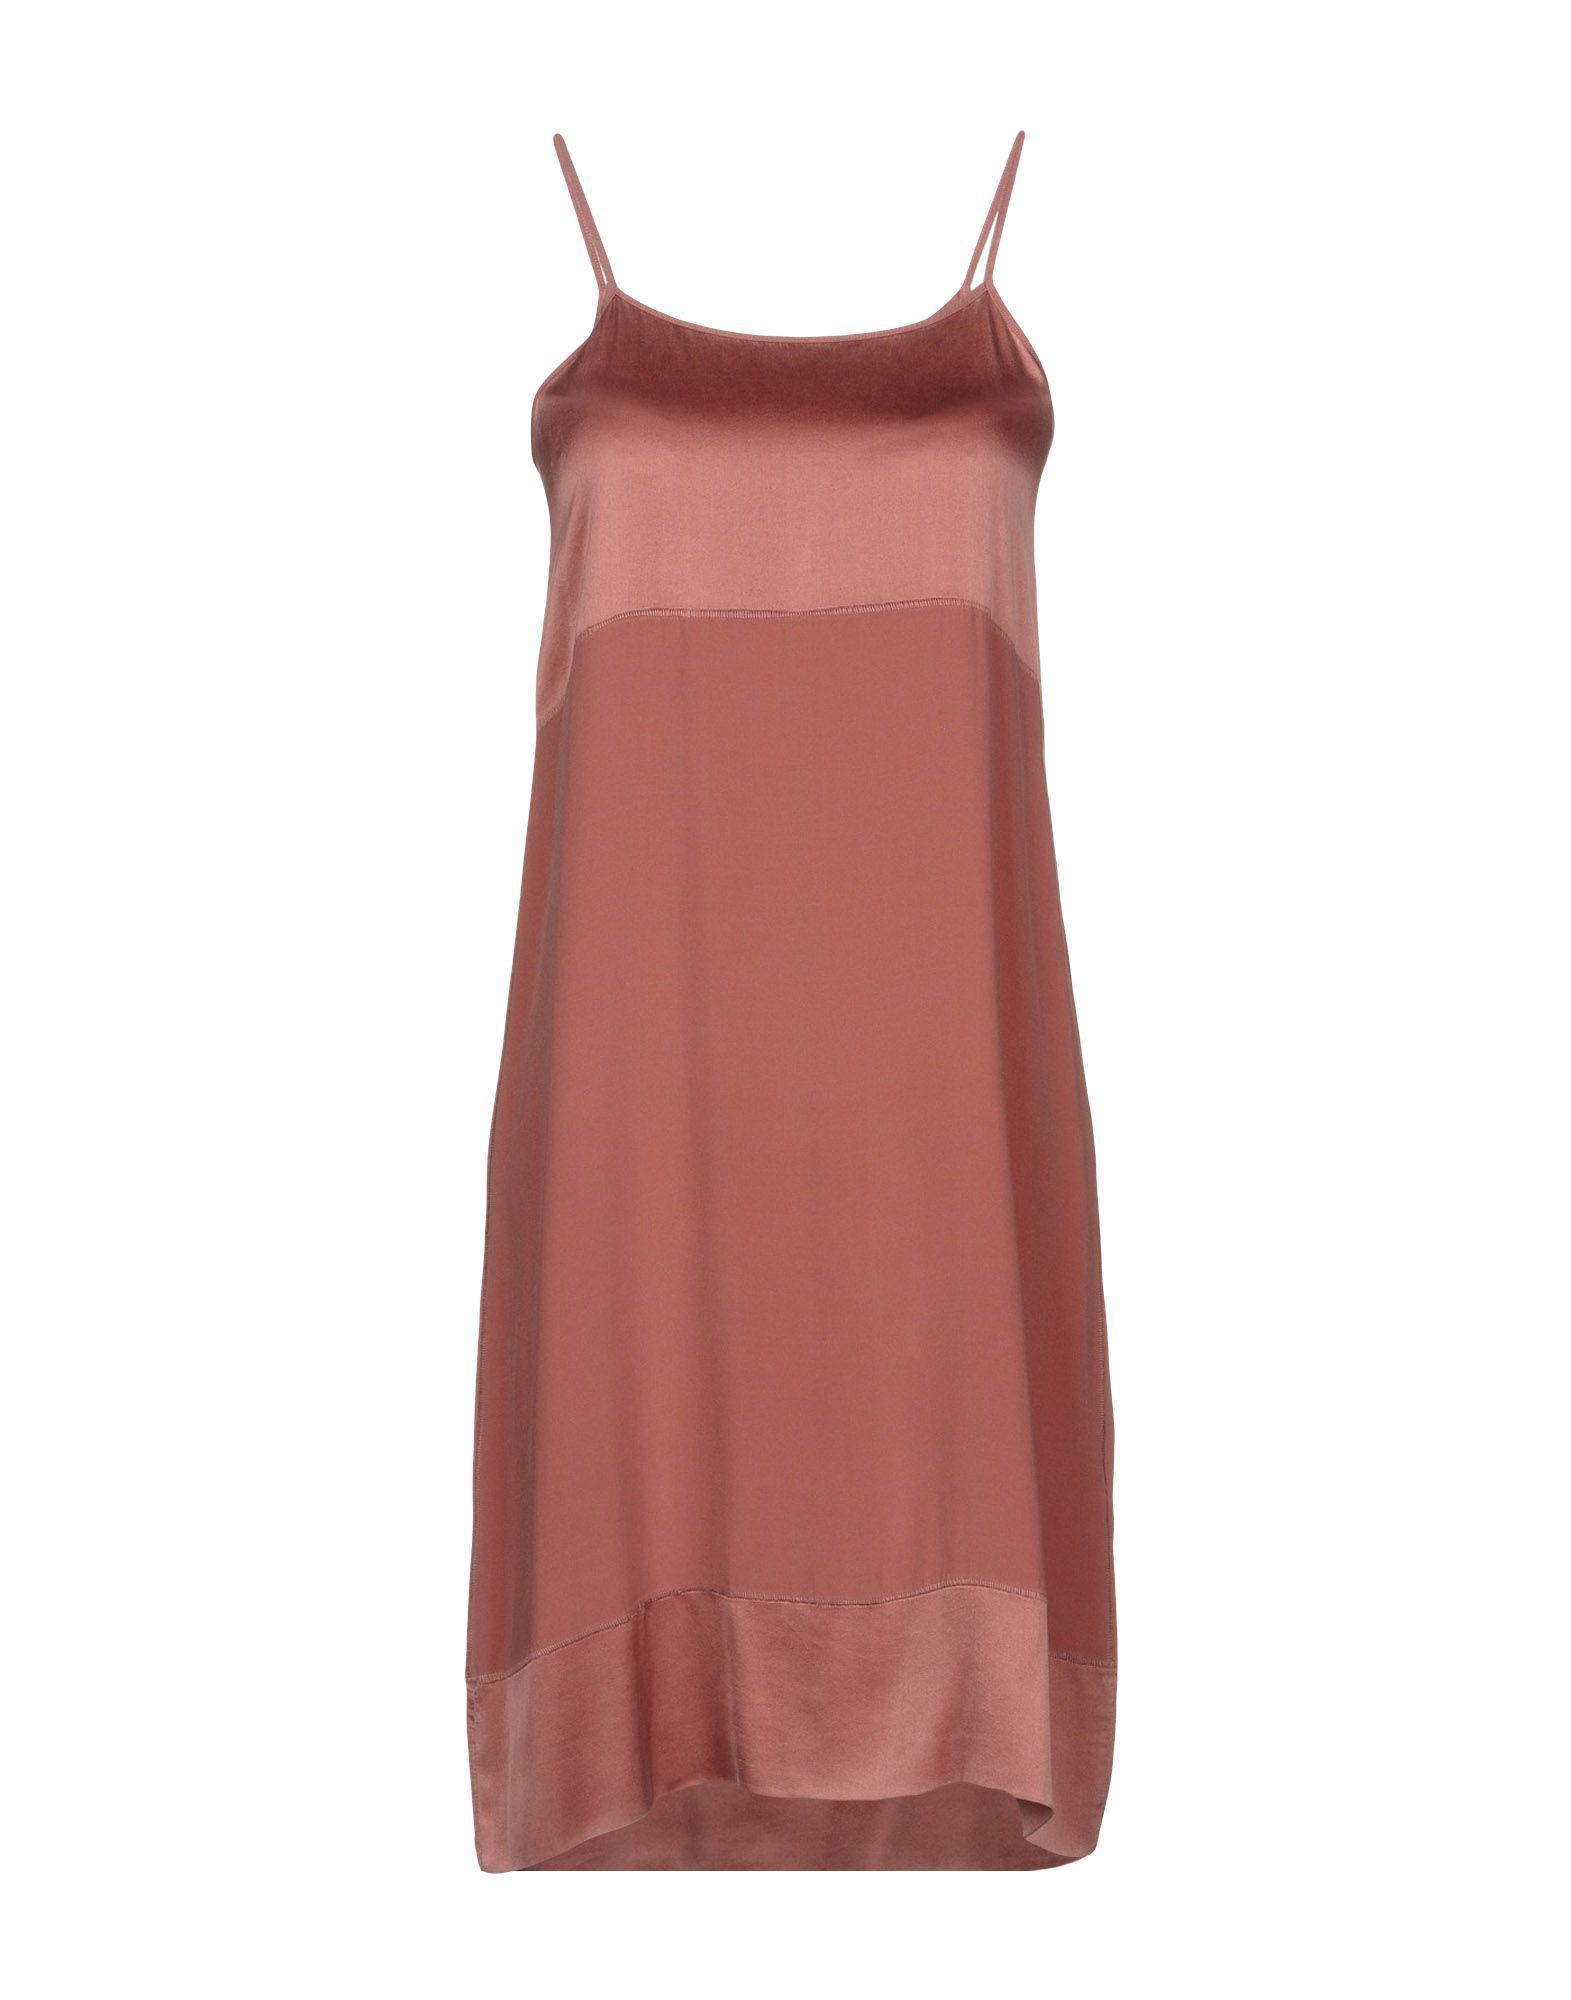 DRESSES - Short dresses Drumohr G6qgQx